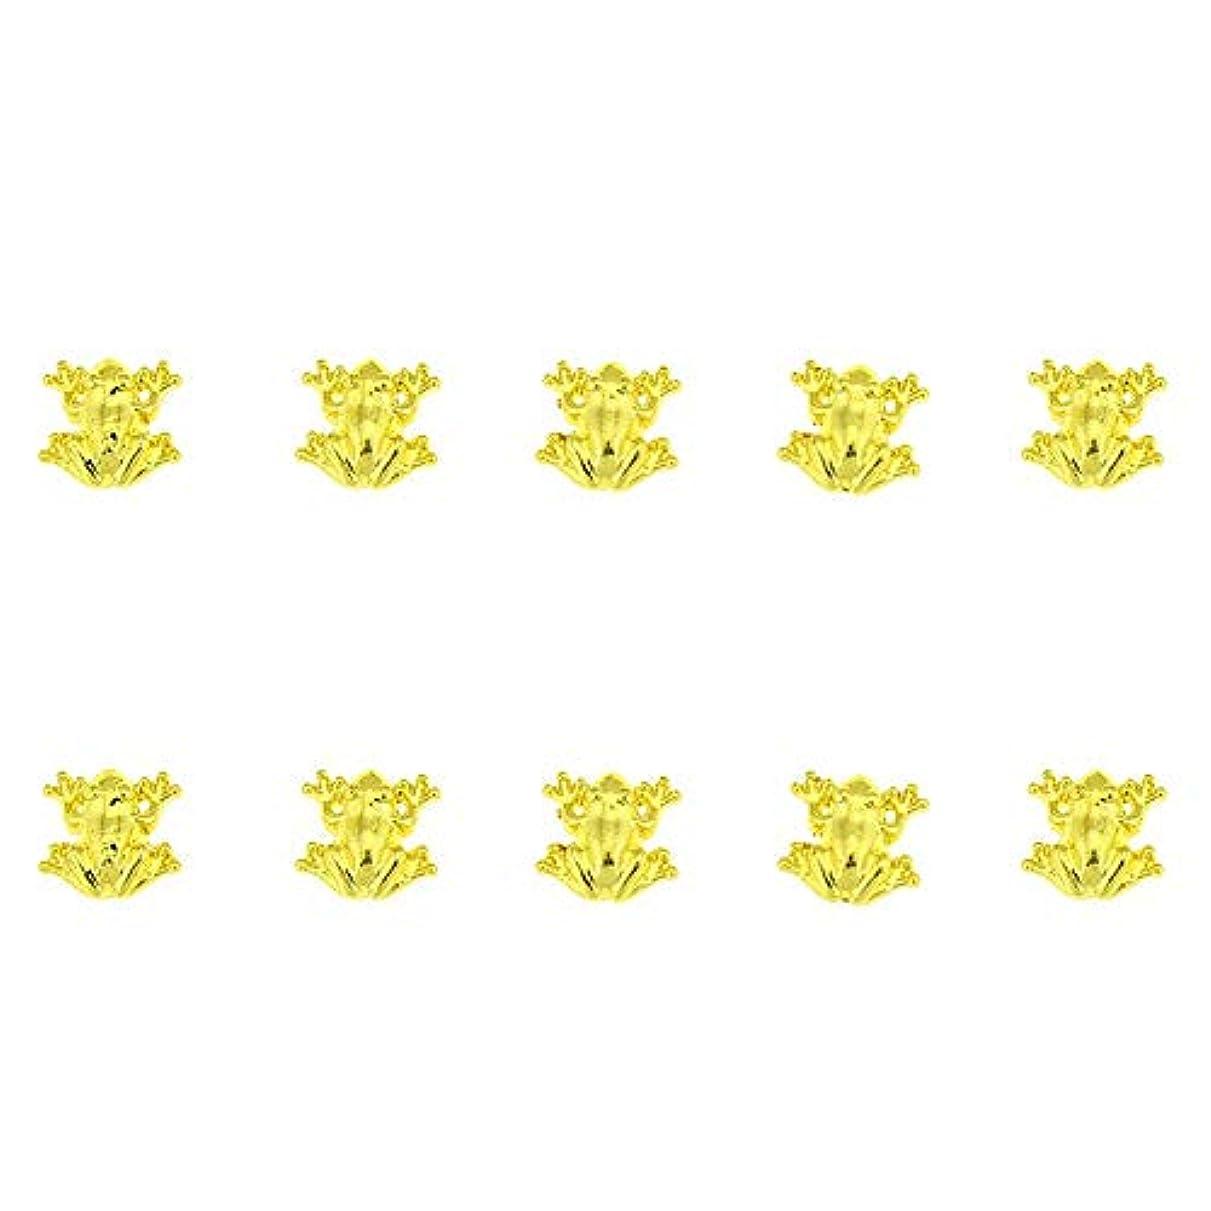 道徳捨てる減少10個/ロット3D 10ミリメートル* 10ミリメートルネイルアート美容ゴールデンフロッグデザインメタルネイルアートの装飾用品